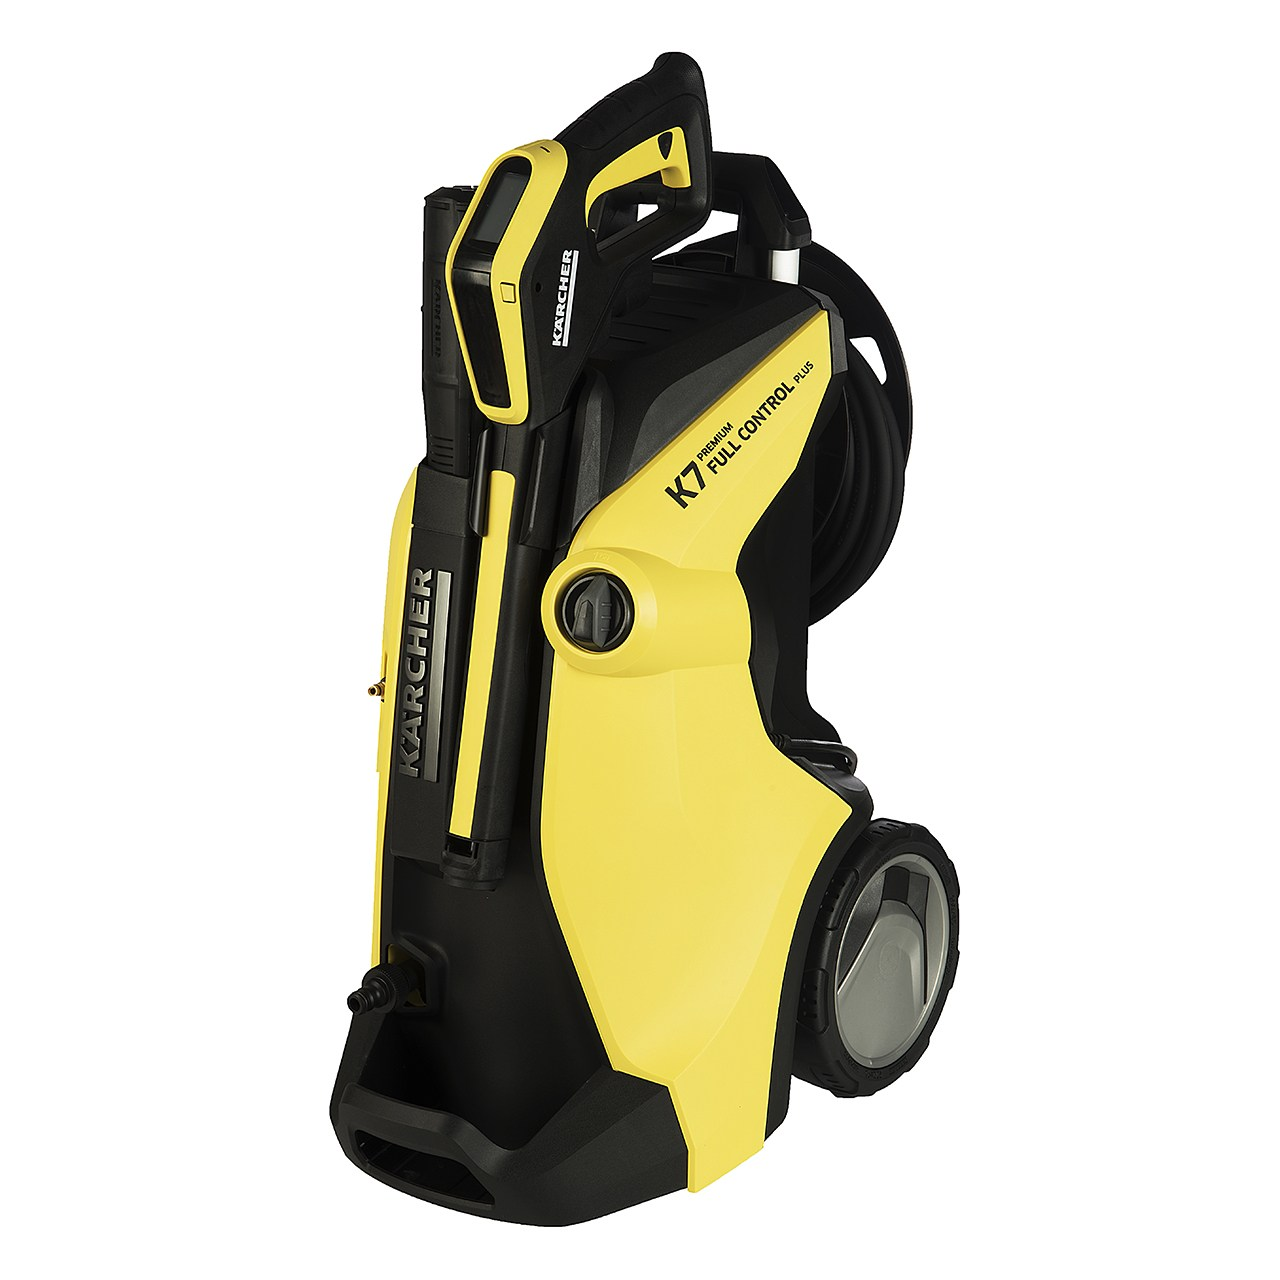 قیمت کارواش کرشر مدل K7 Premium Full Control Plus